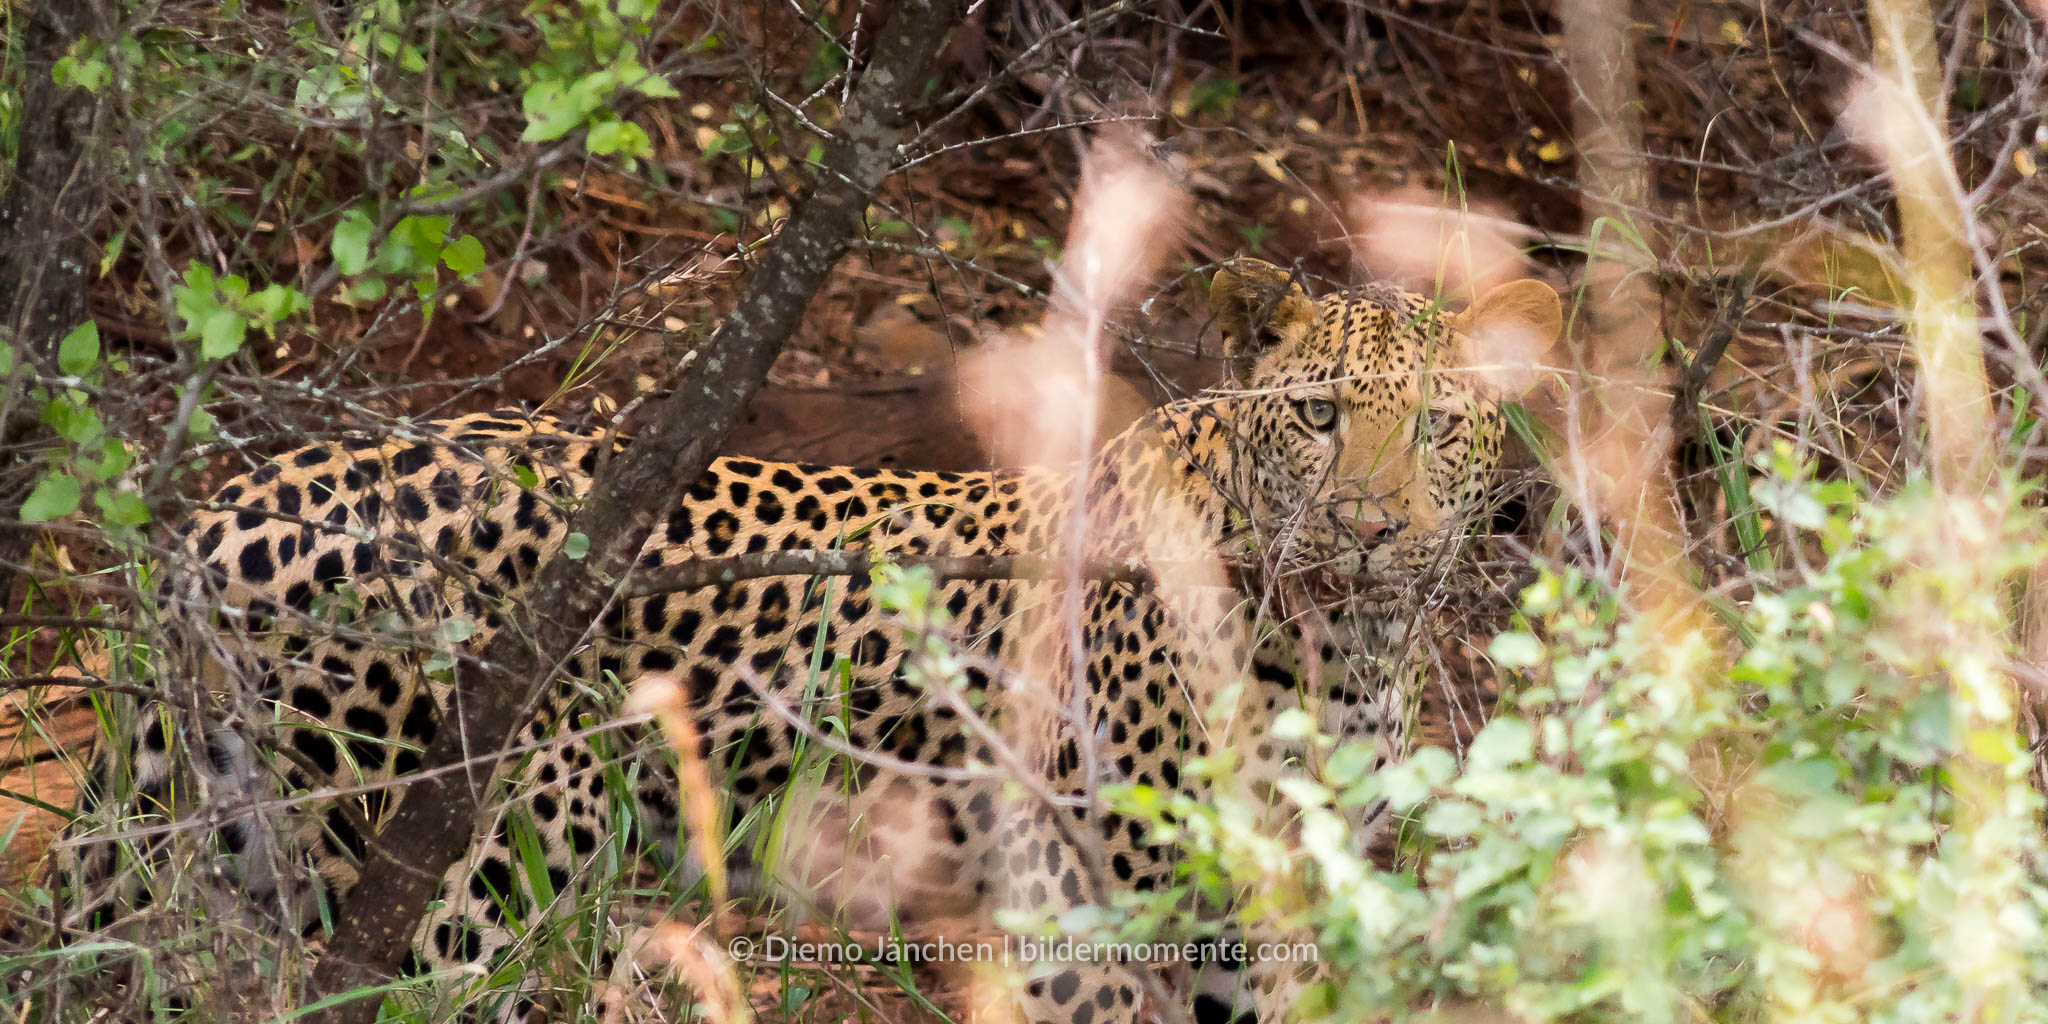 Das letzte Bild des Leoparden, danach war er im Busch nicht mehr sichtbar.